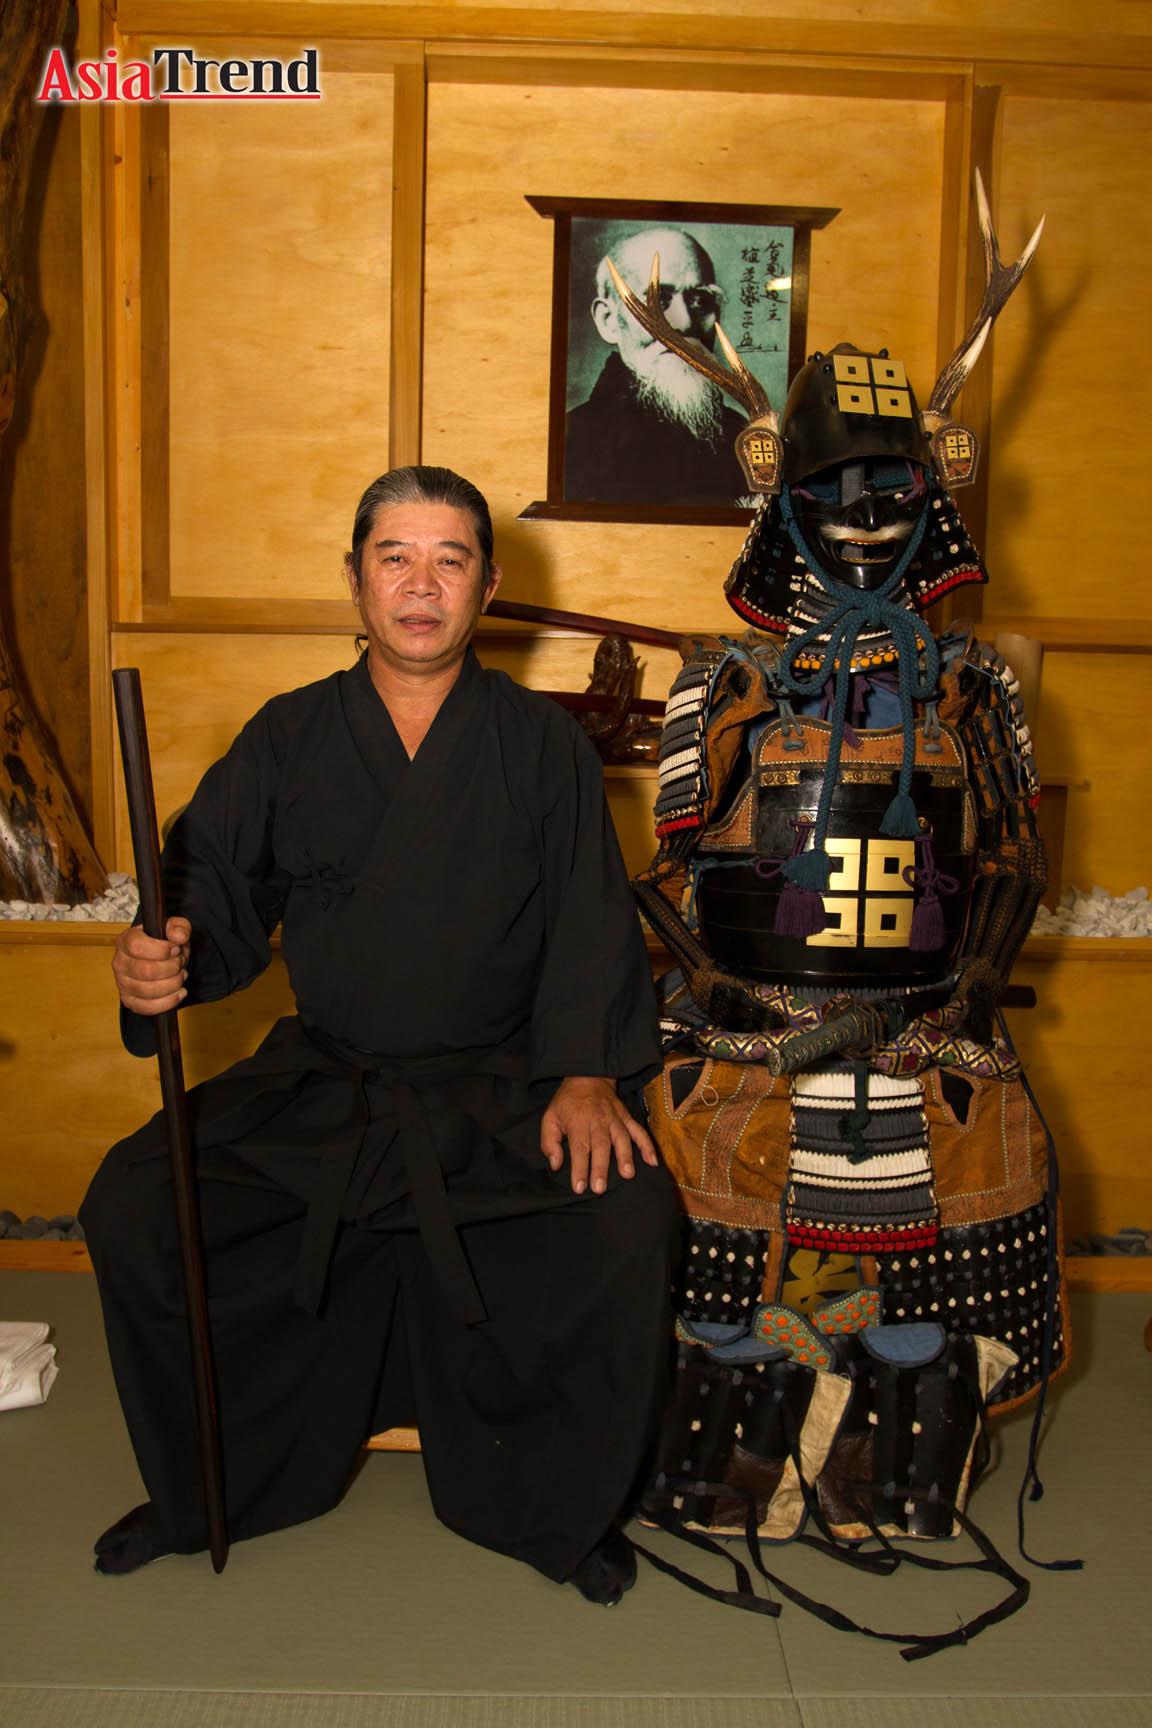 Ohashi Kenshin, sensei – 15th generation souke (headmaster) of Mukushin-ryu Bujutsu